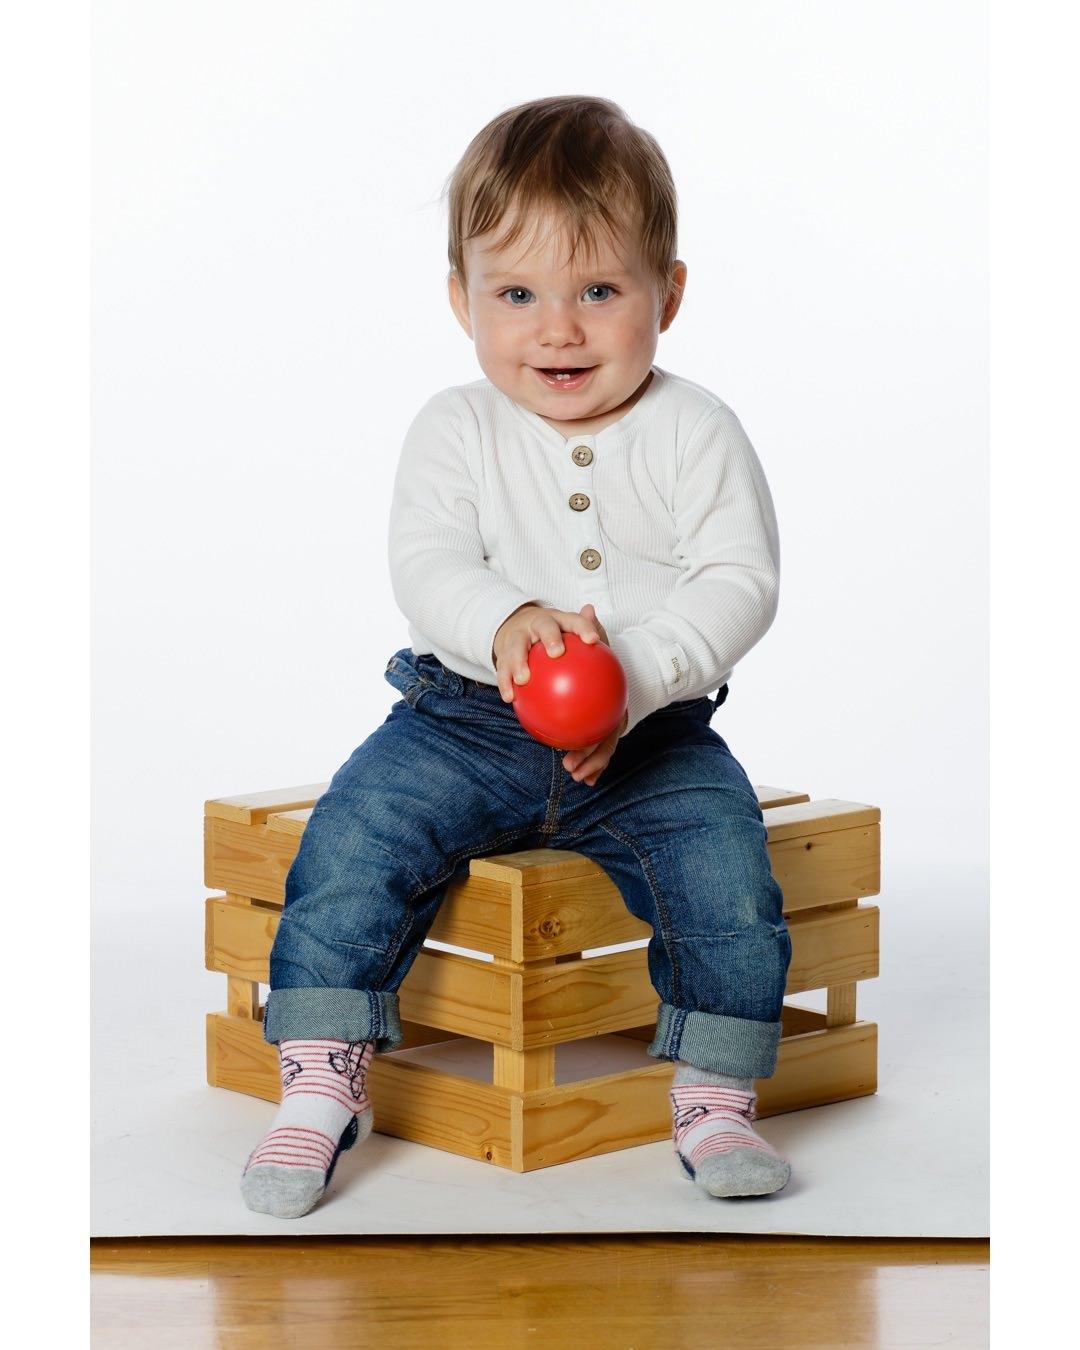 Hade ett charmtroll på besök i stuidon igår. Detta är Harry som gärna posade lite :-) Vill du foto ditt barn? hör av dig på 0735101881 eler mb@609.se